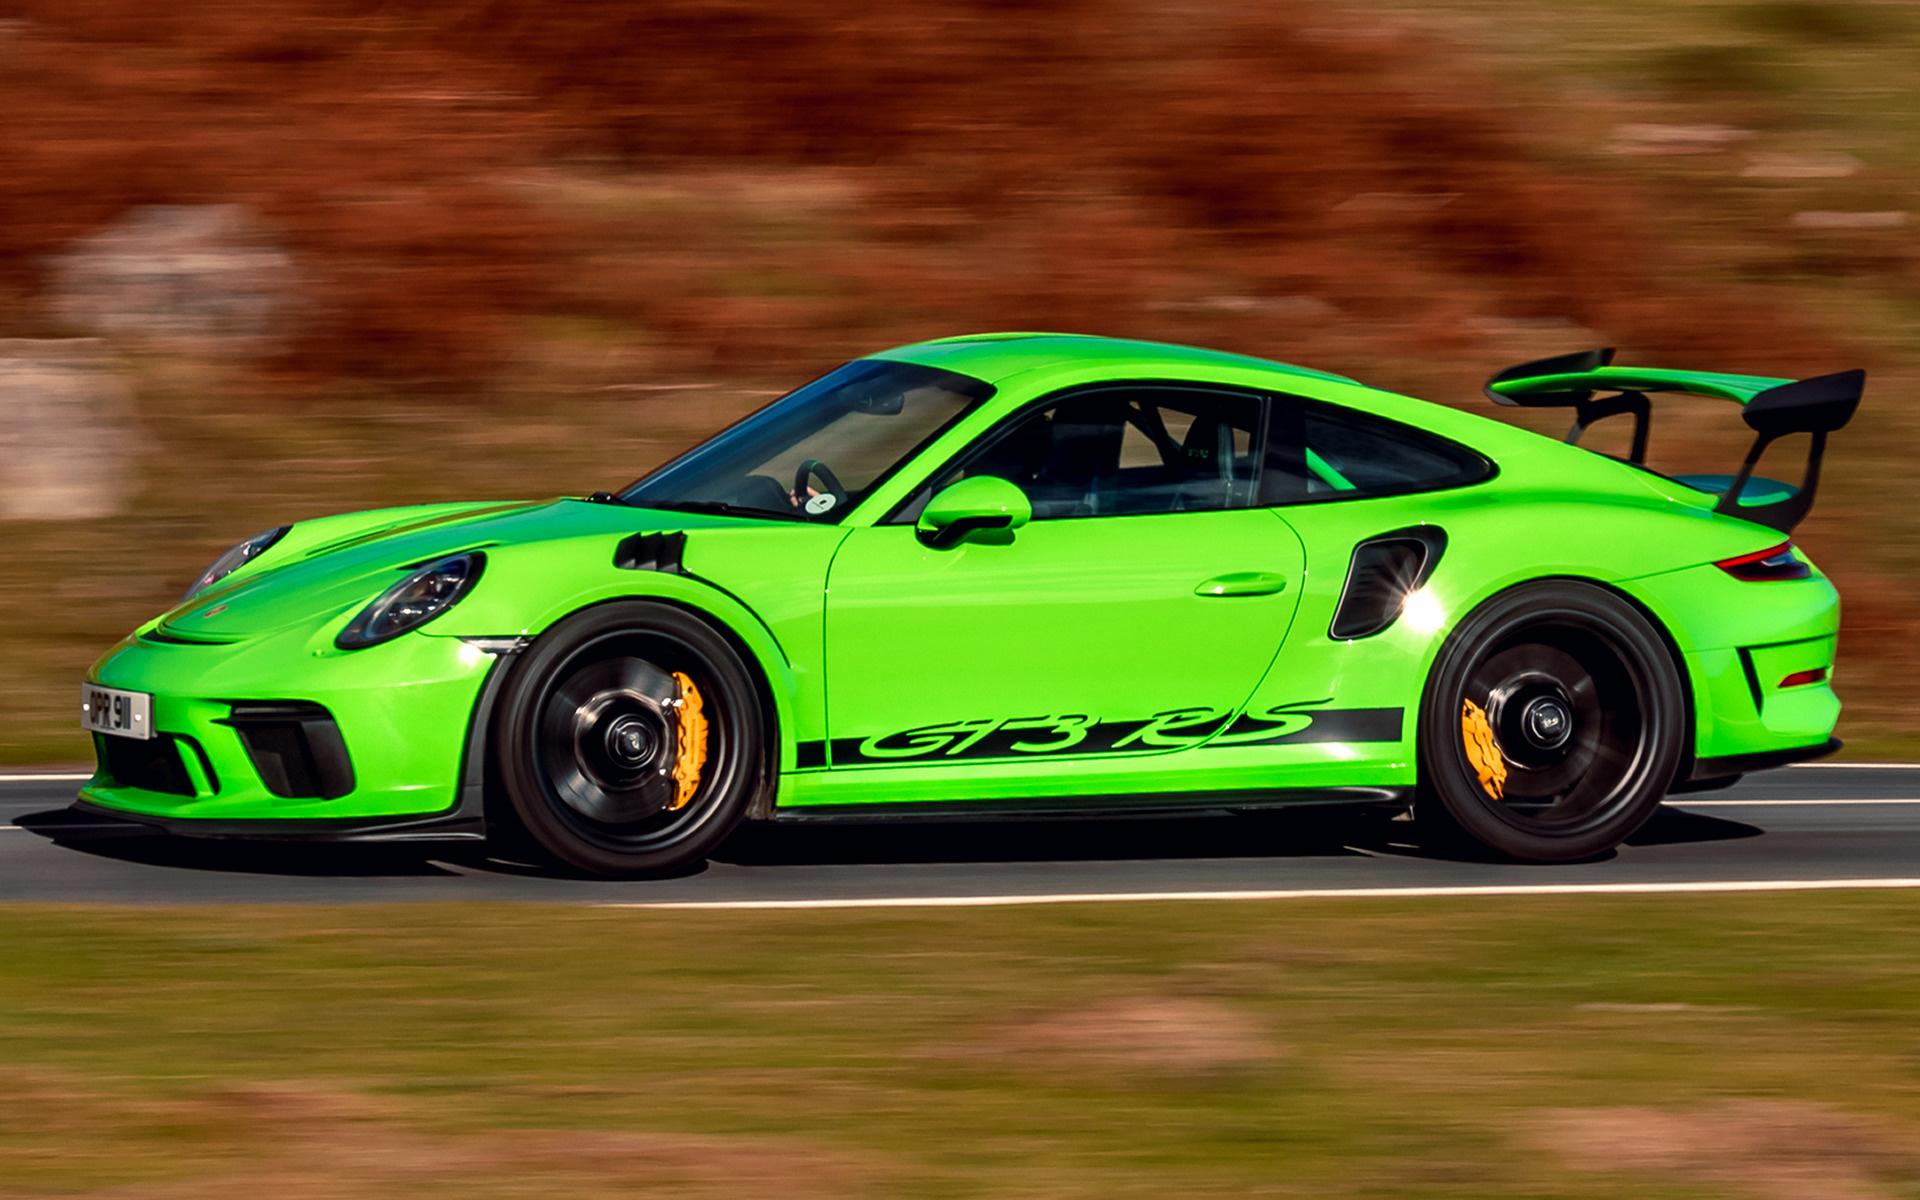 911 Carrera Gts >> 2018 Porsche 911 GT3 RS (UK) - Fondos de Pantalla e ...